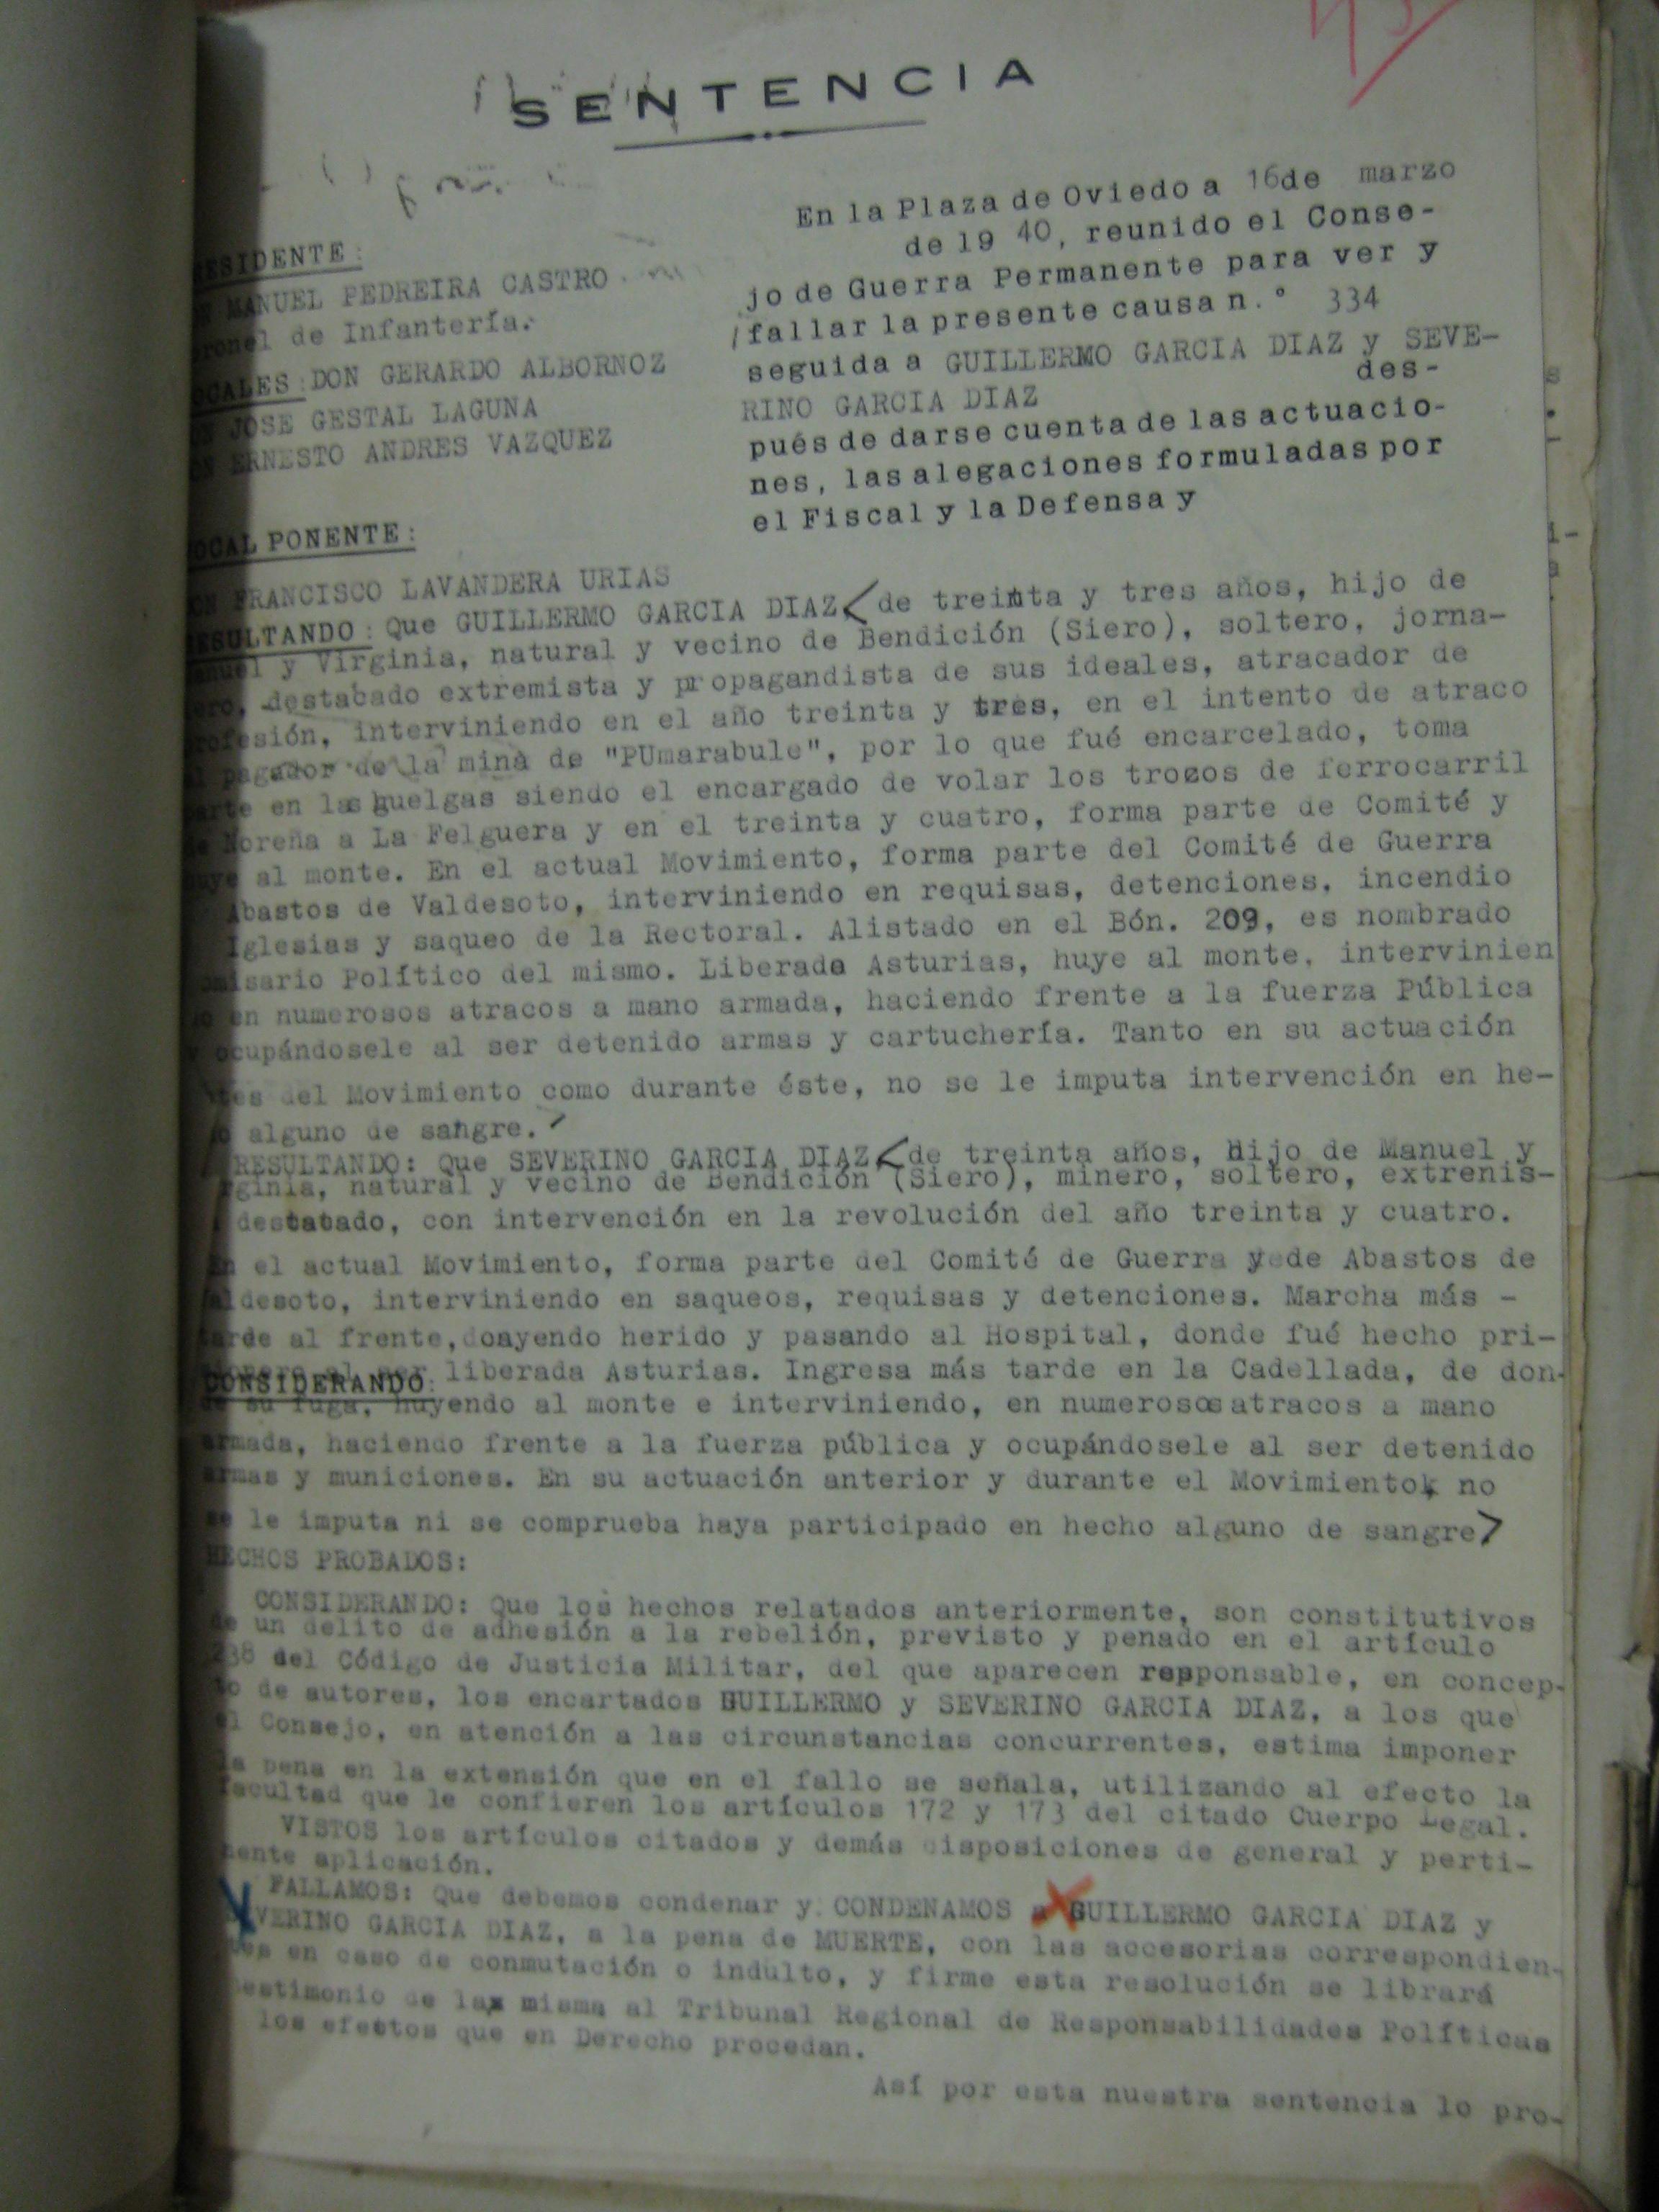 Sentencia judicial contra Guillermo y Severino García Díaz.